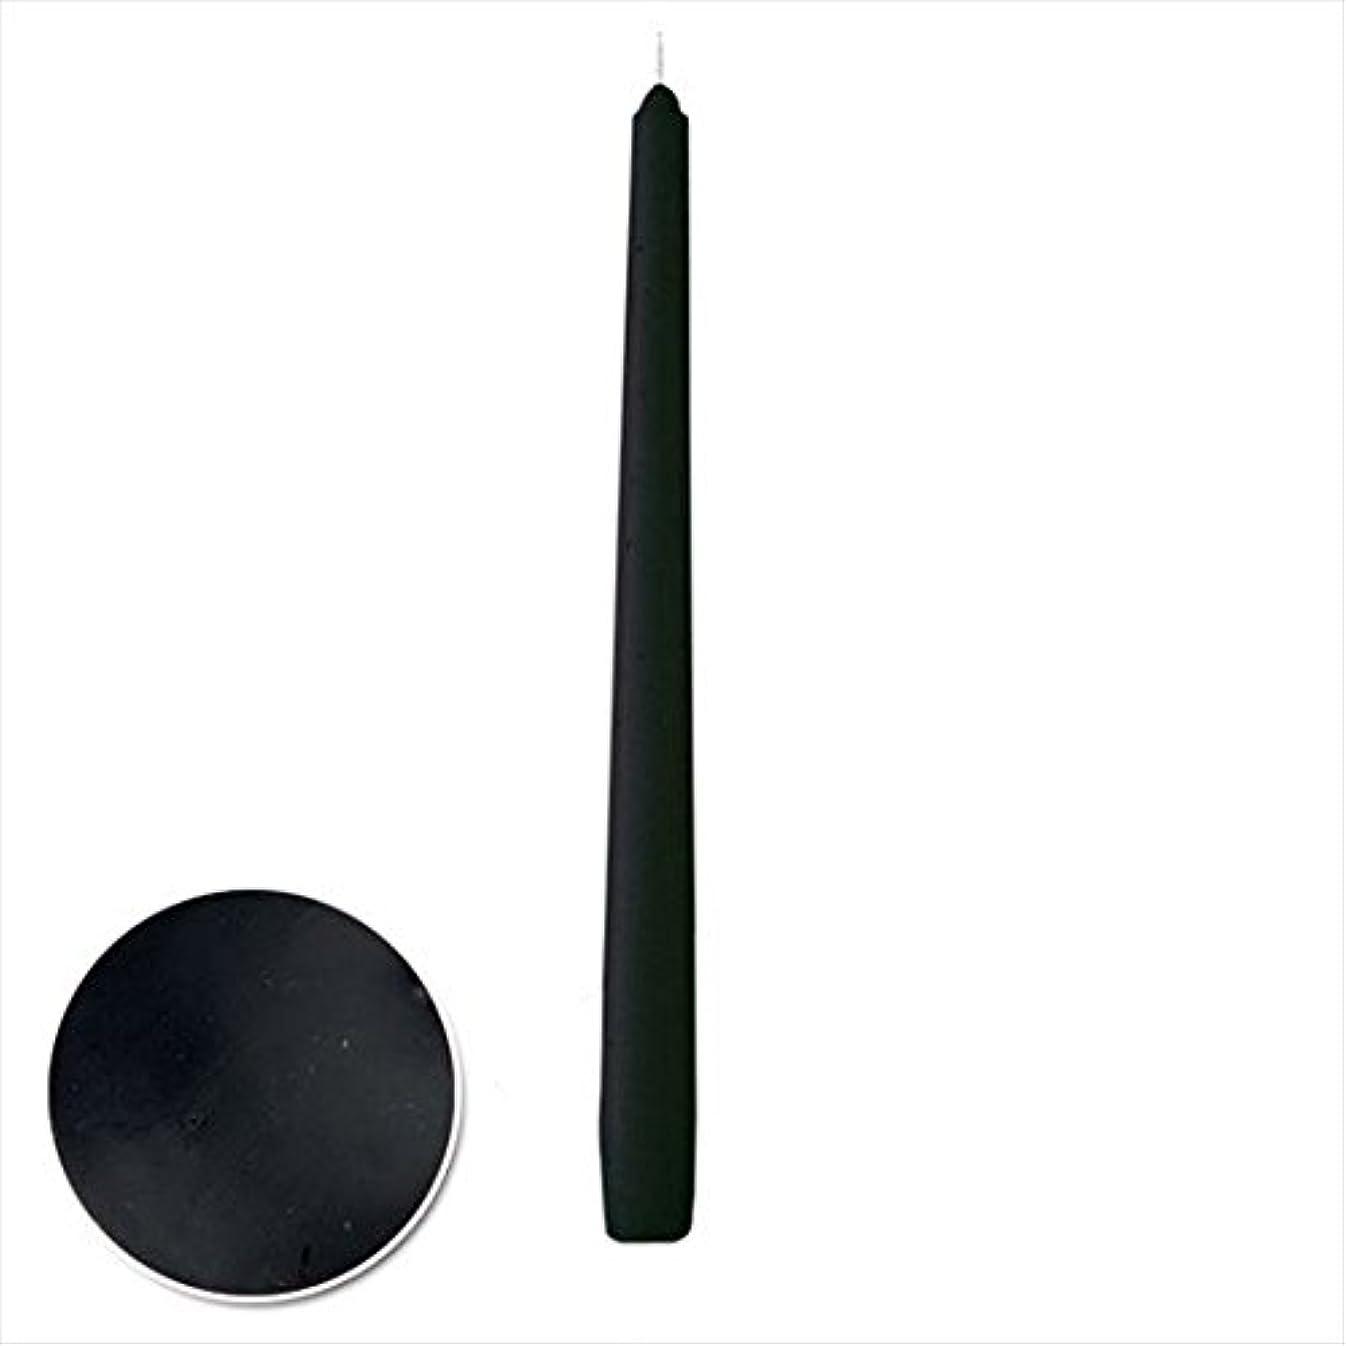 コピー一回マグカメヤマキャンドル(kameyama candle) 12インチテーパー 「 ブラック 」 12本入り